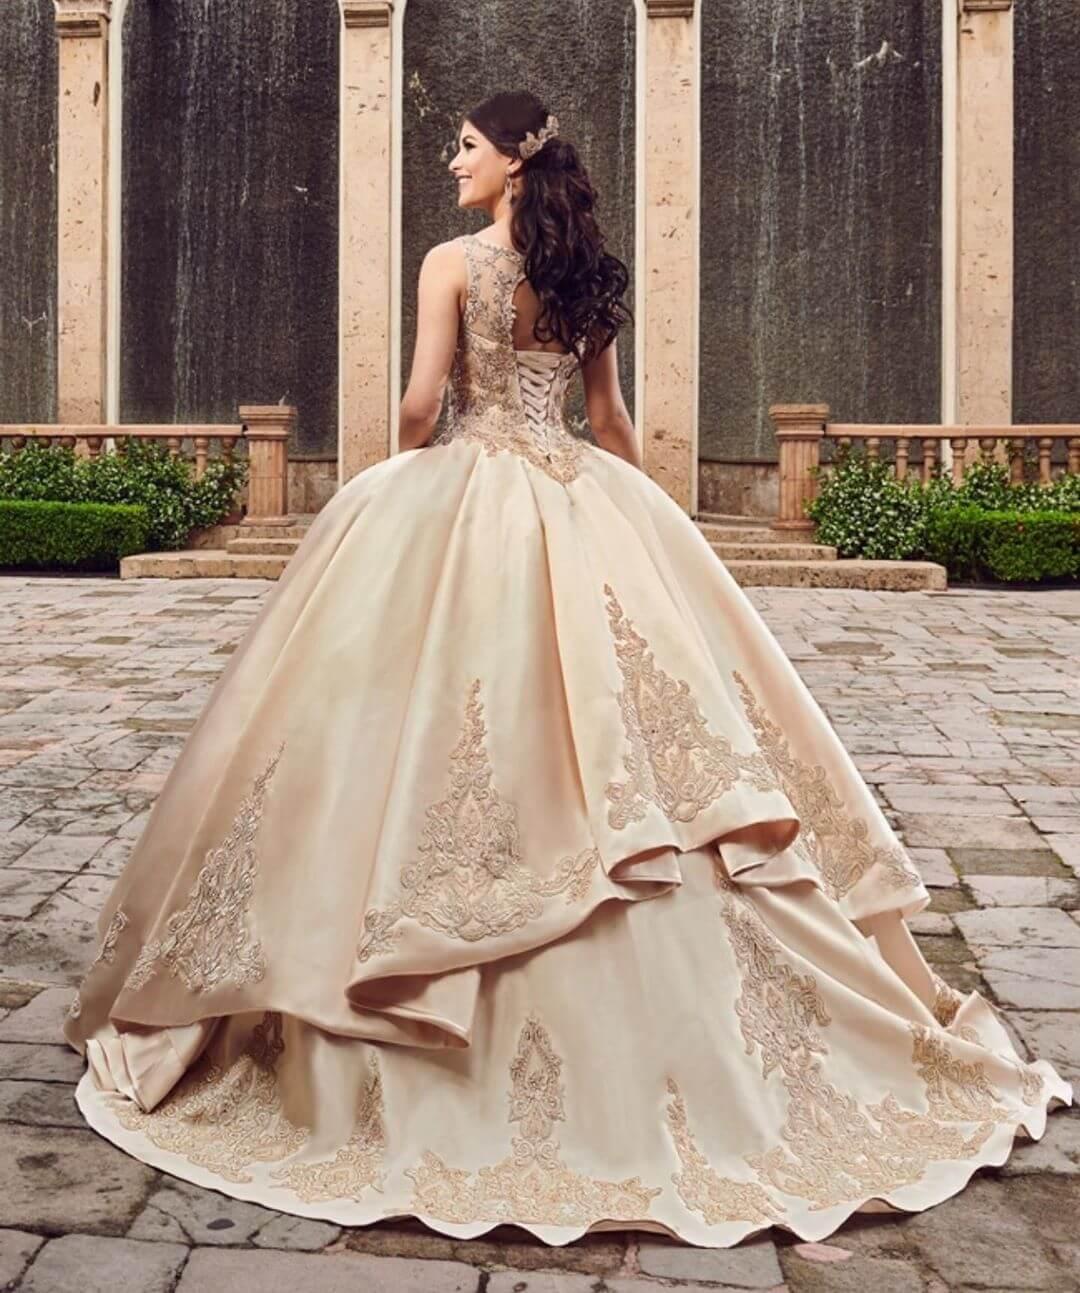 vestidos de quince corte princesa color champagne o dorado